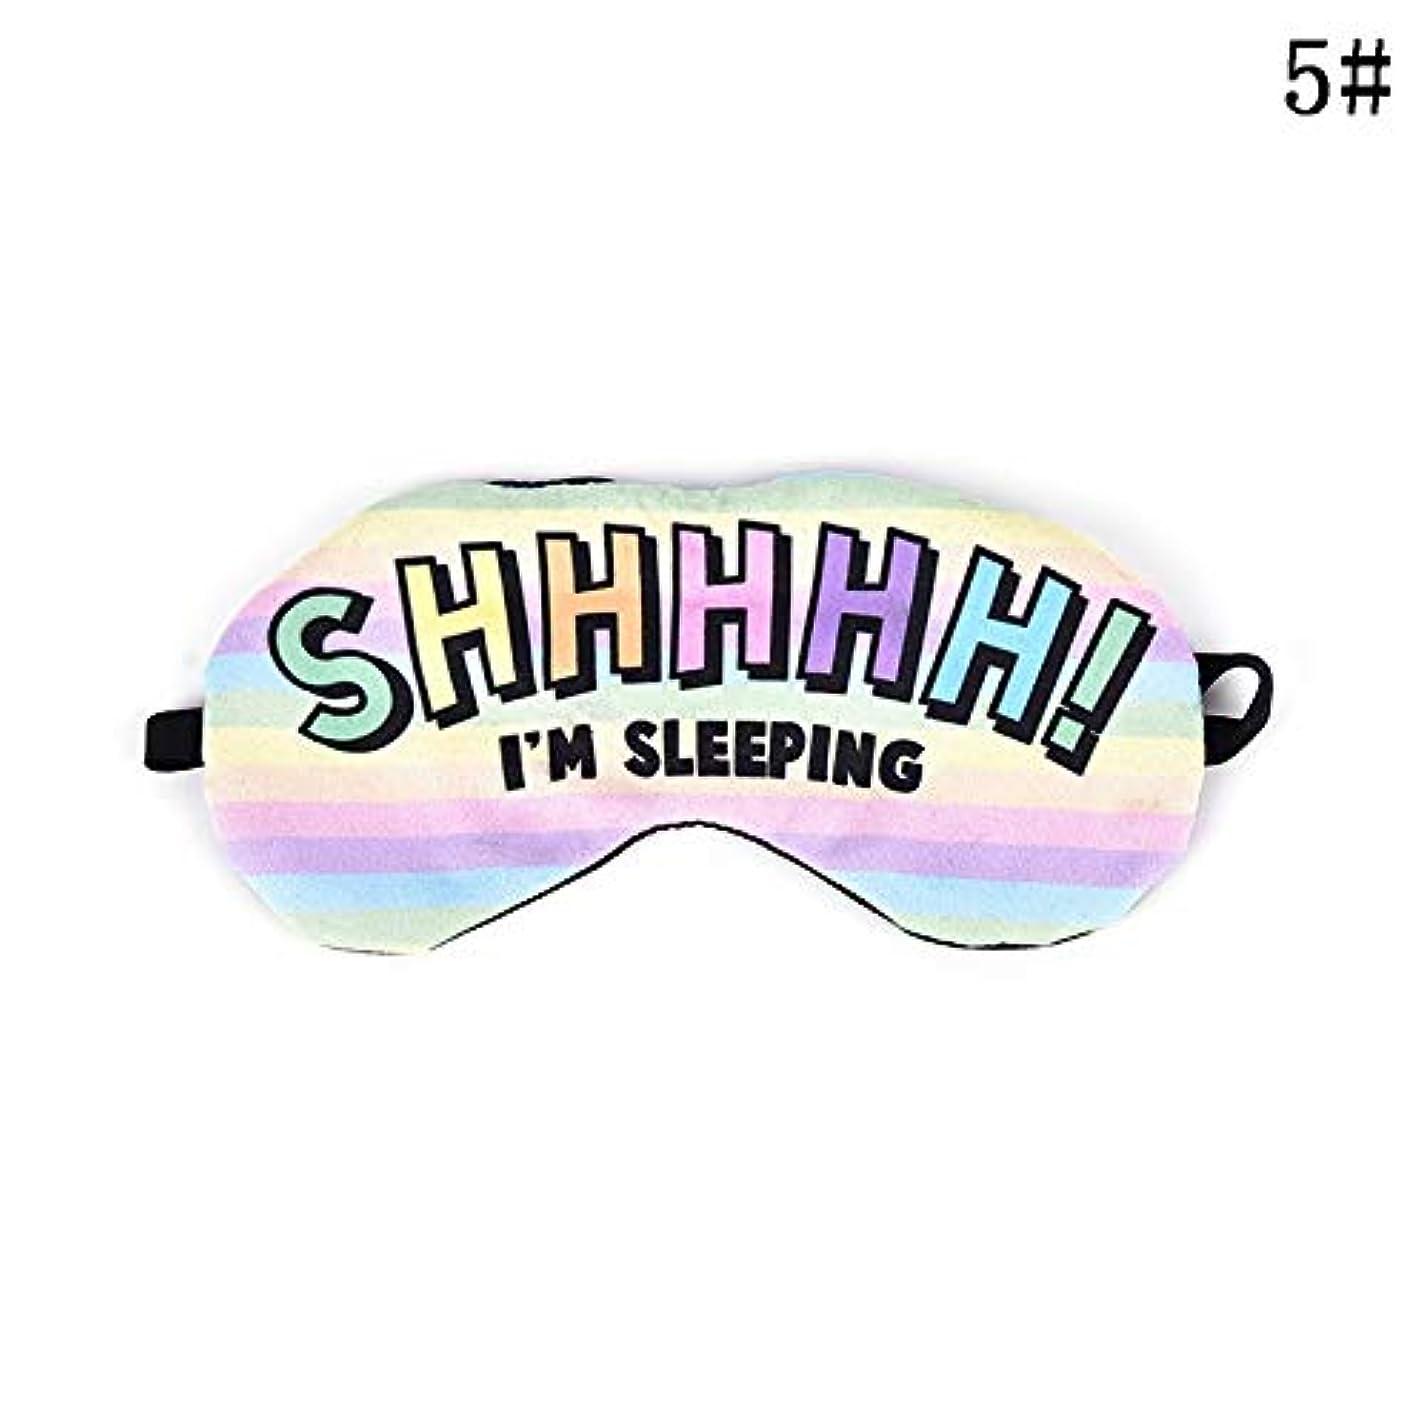 実業家原点インカ帝国NOTE 1ピースかわいい睡眠マスク休息リラックス睡眠補助目隠しカバーアイパッチ睡眠マスク旅行アイパッチケース睡眠休息3dアイマスク